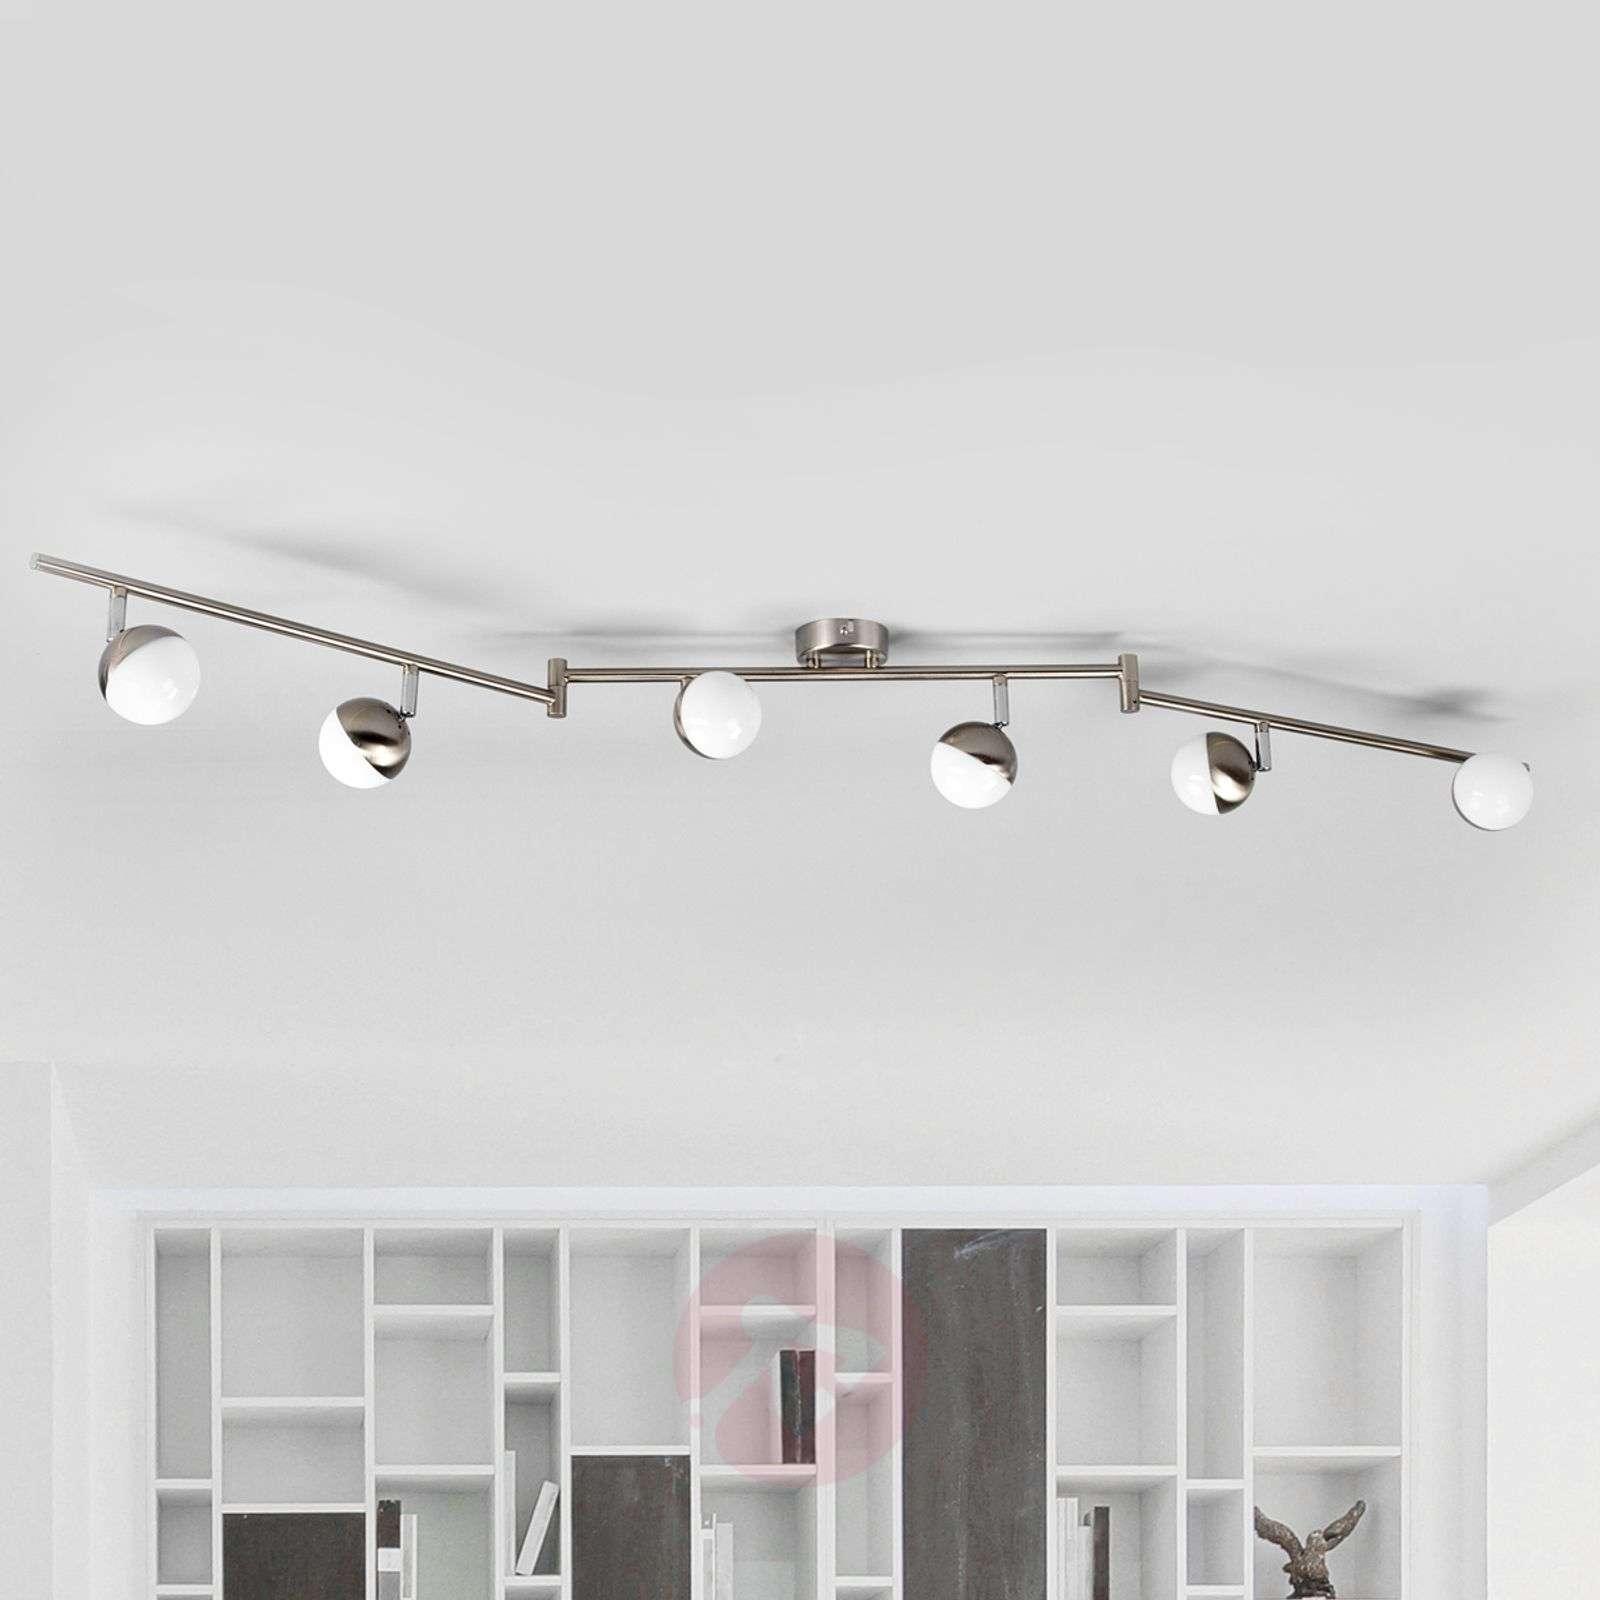 Hyvää valaistusta Jonne-LED-kattovalaisimella-9987059-02